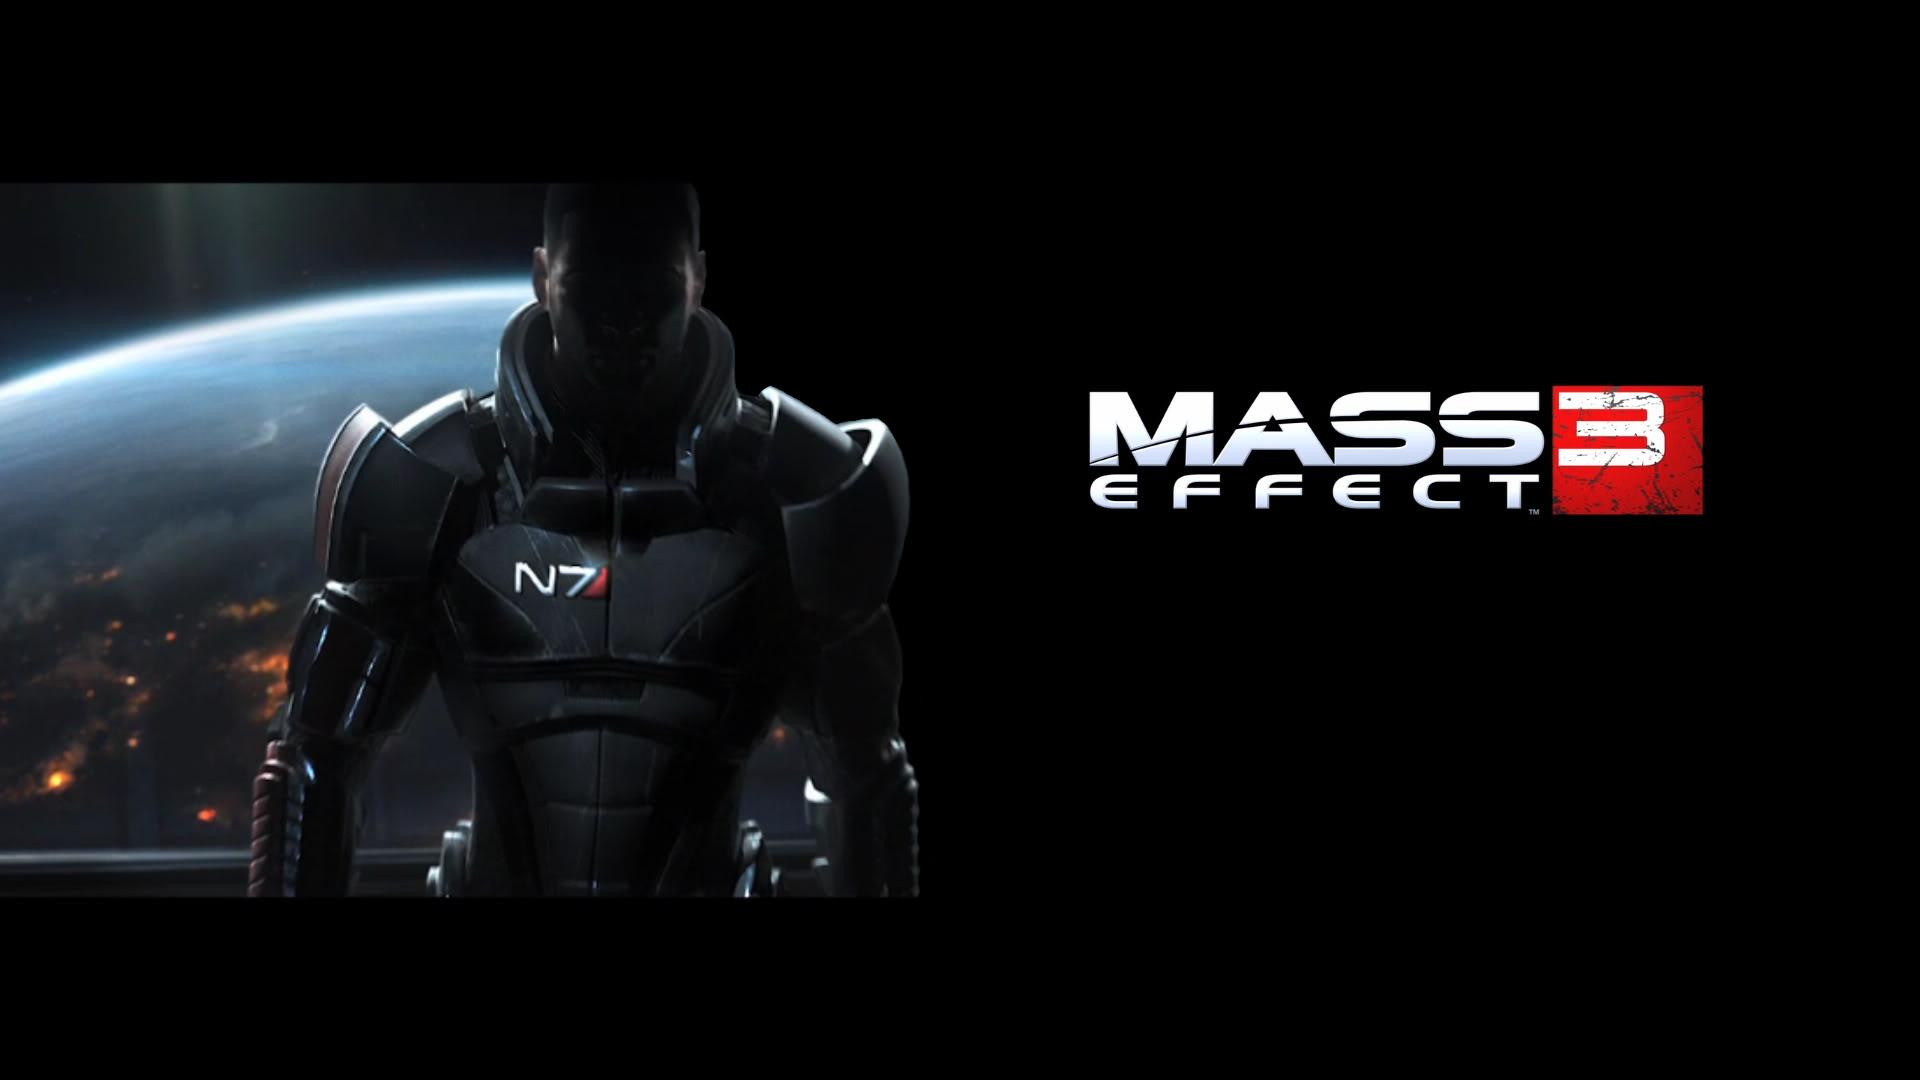 FICHE TECHNIQUE deMass Effects 3 Editeur:Electronic Arts Développeur :BioWare Type: RPG Genre: Action Sortie France:8 mars 2012 En savoir +:Déconseillé aux – de 18 ans Aussi sur :PS3 , WiiU, […]